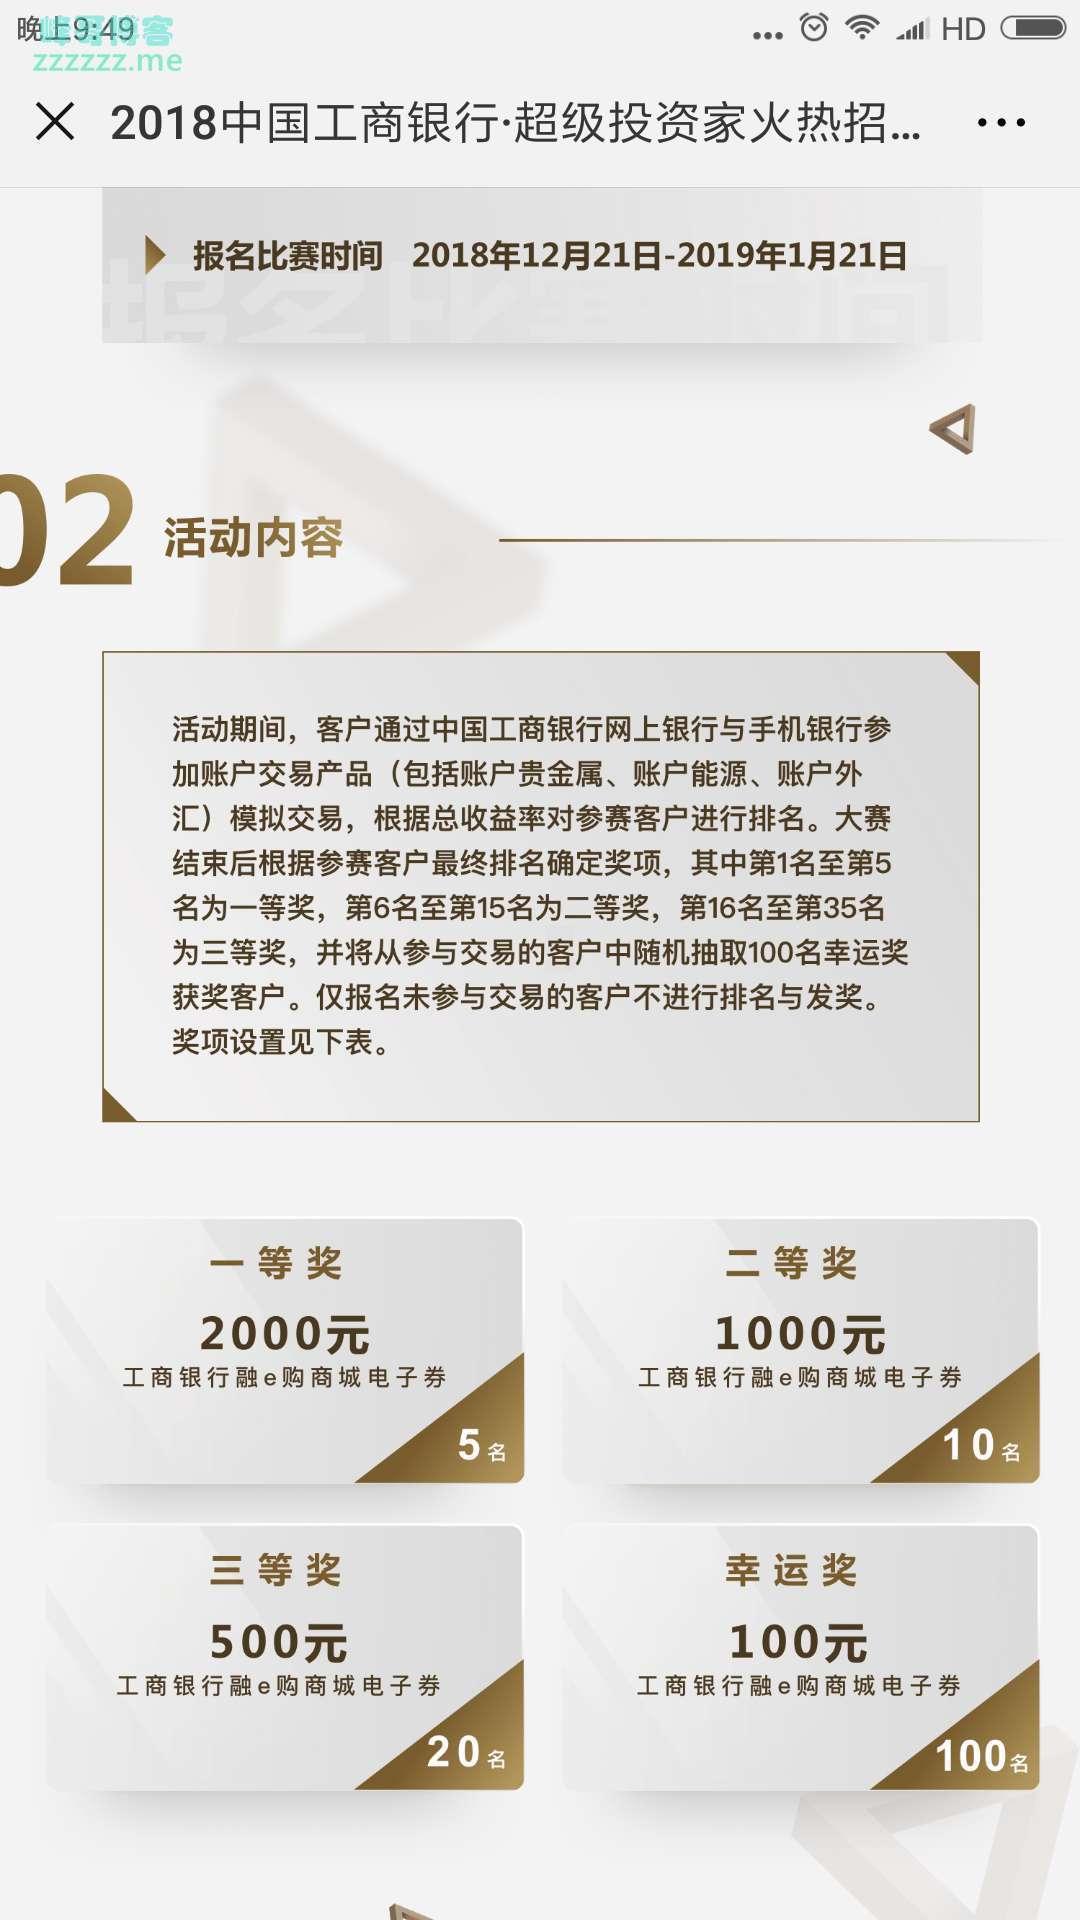 <中国工商银行电子银行>模拟交易大赛 赢2000元电子购物券(截止1月21日)